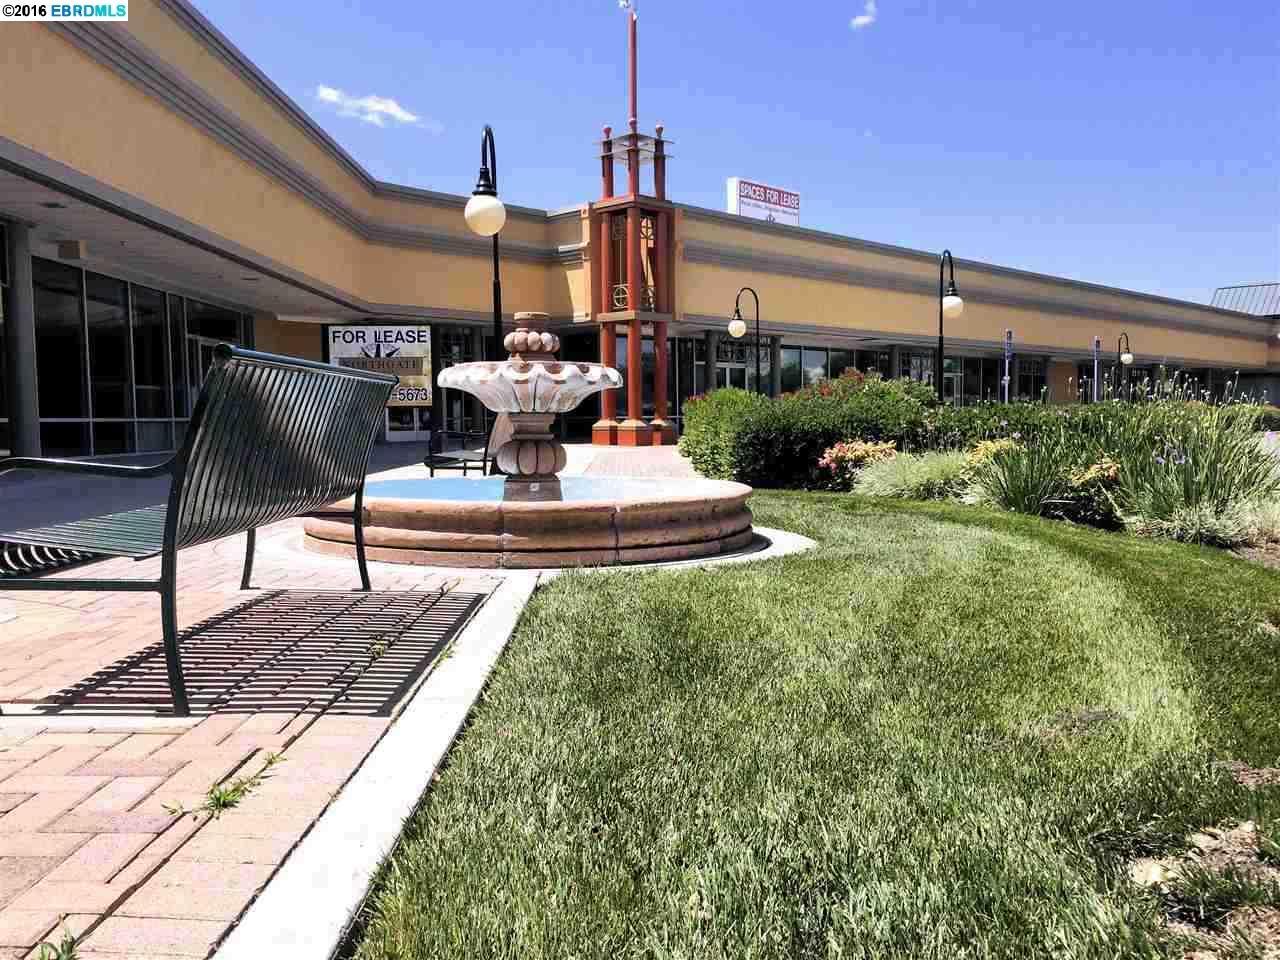 Casa Unifamiliar por un Alquiler en 1005 E Pescadero suite 175-177 Tracy, California 95304 Estados Unidos